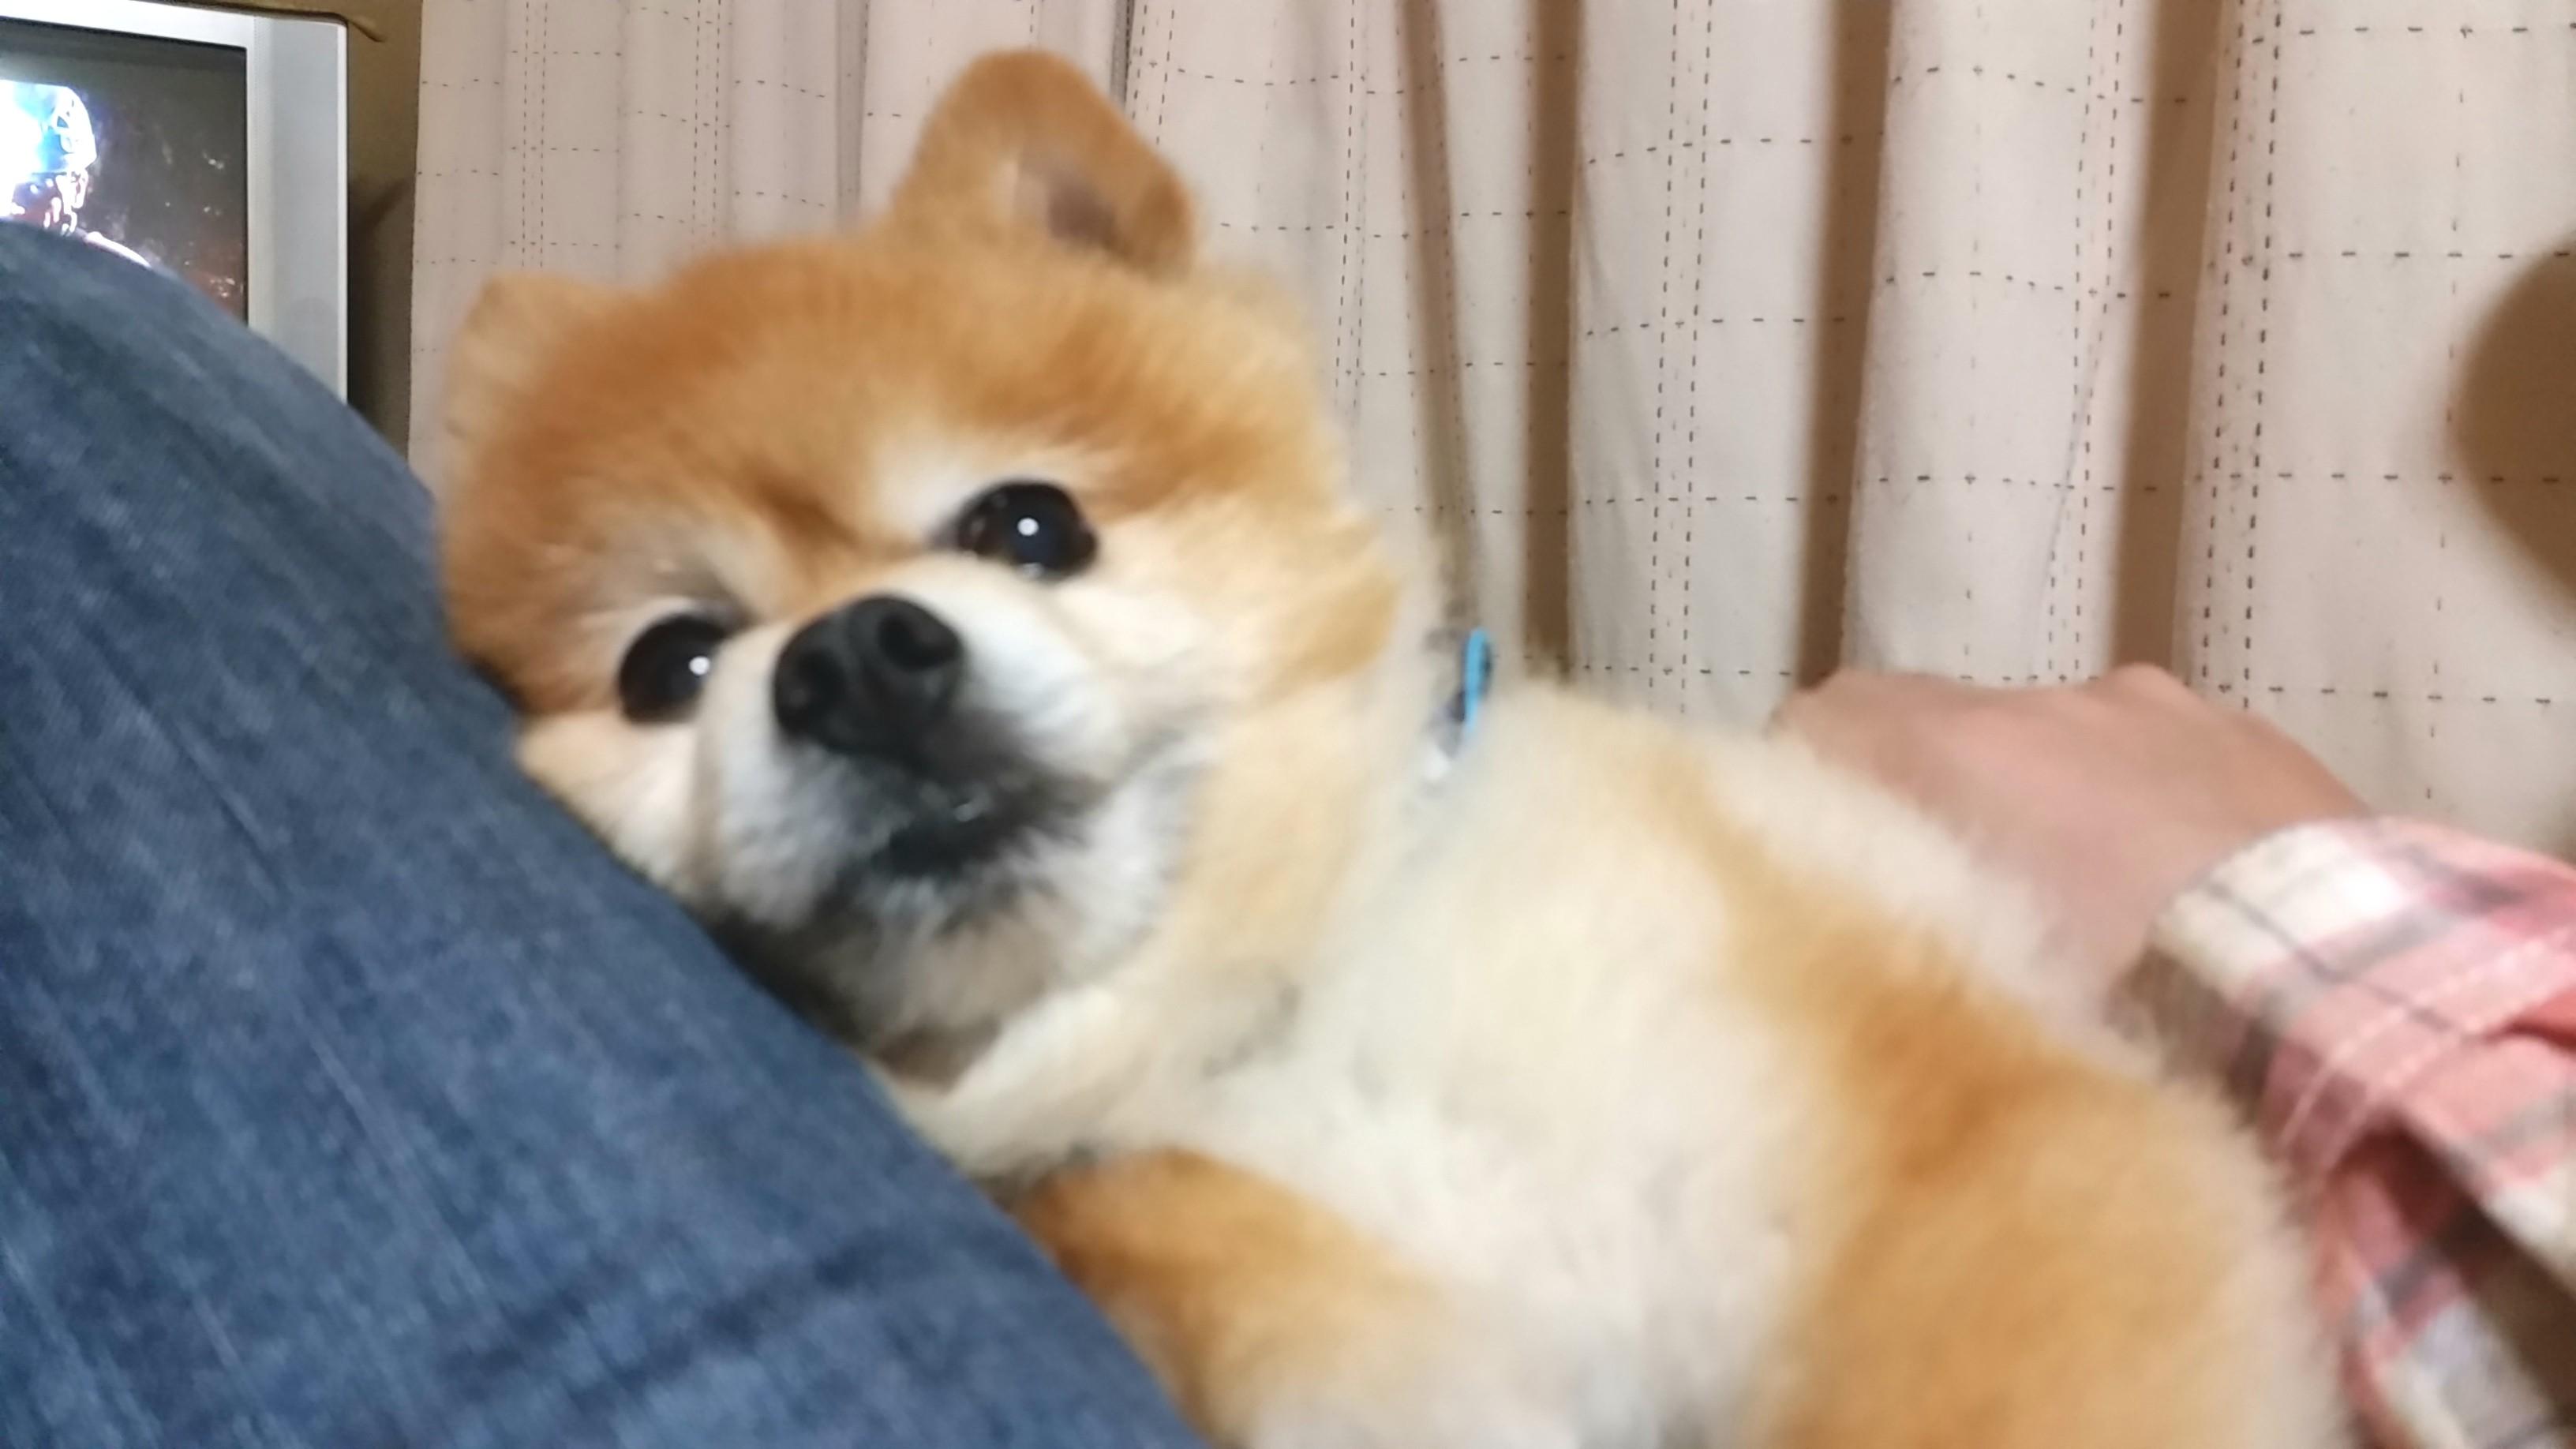 ペット,犬,ポメラニアン,ぬいぐるみみたい,まんまる,柴犬カット,可愛